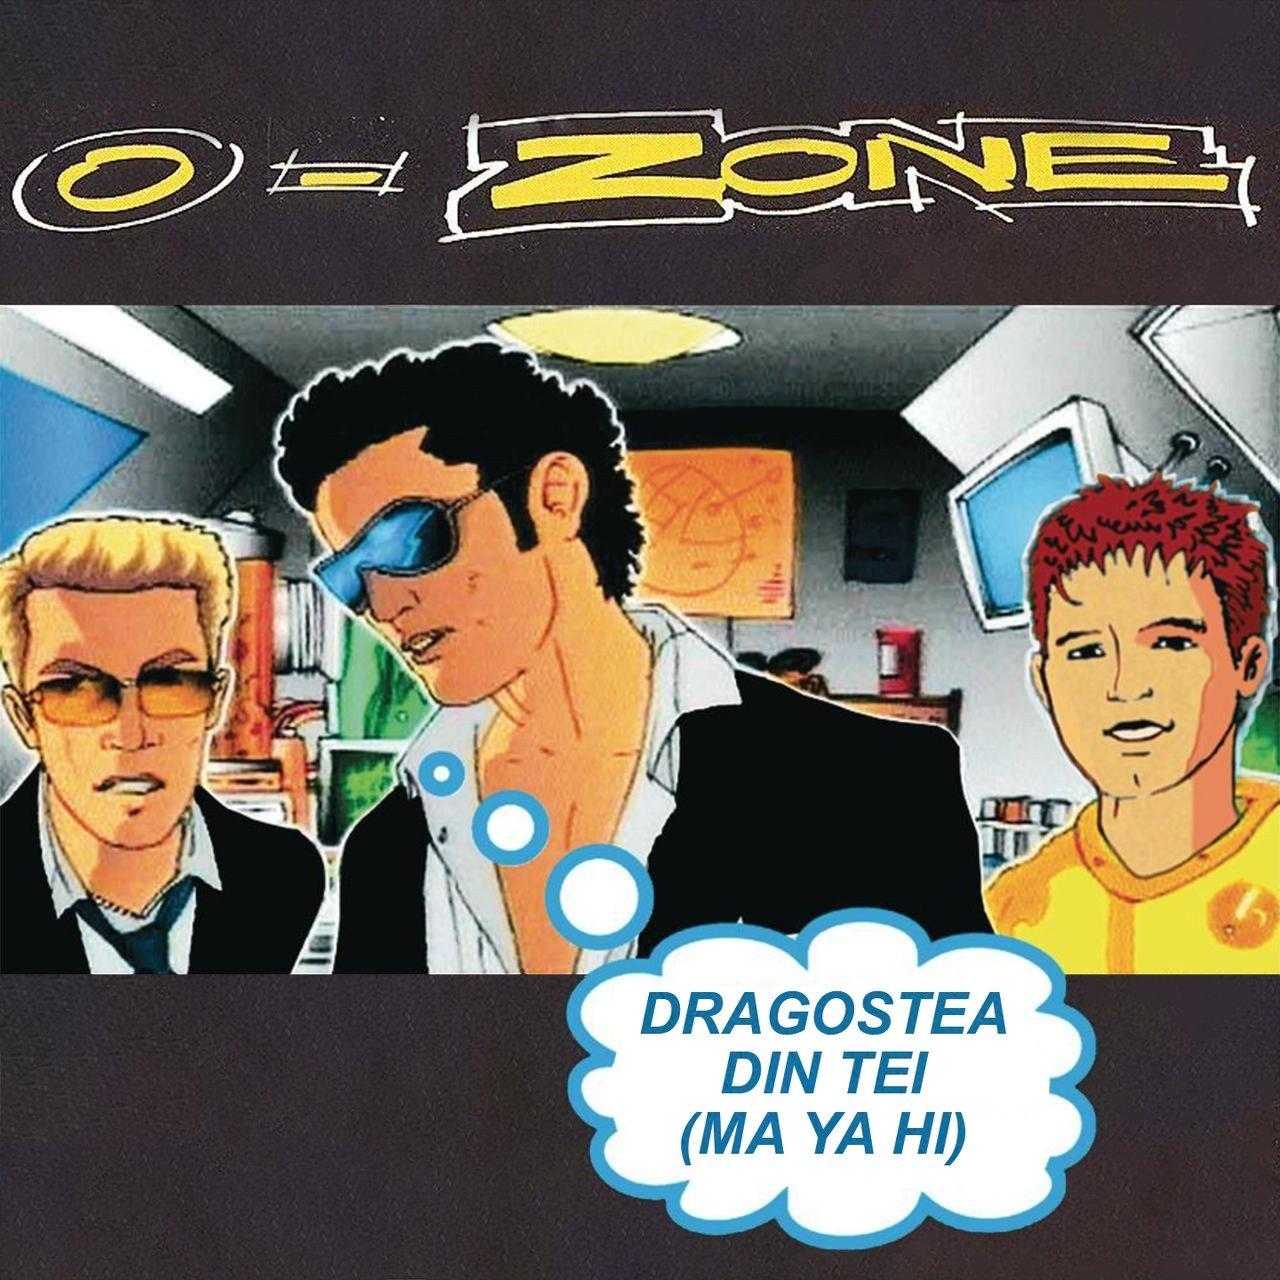 O-Zone - Dragostea Din Tei mp3 download